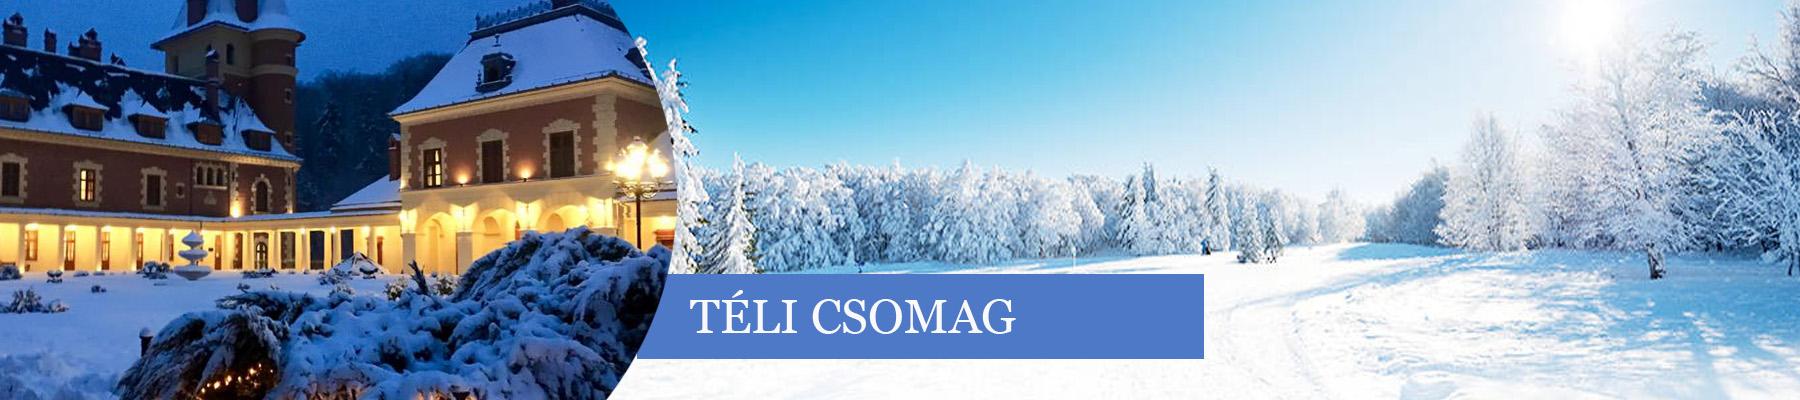 teli_csomag